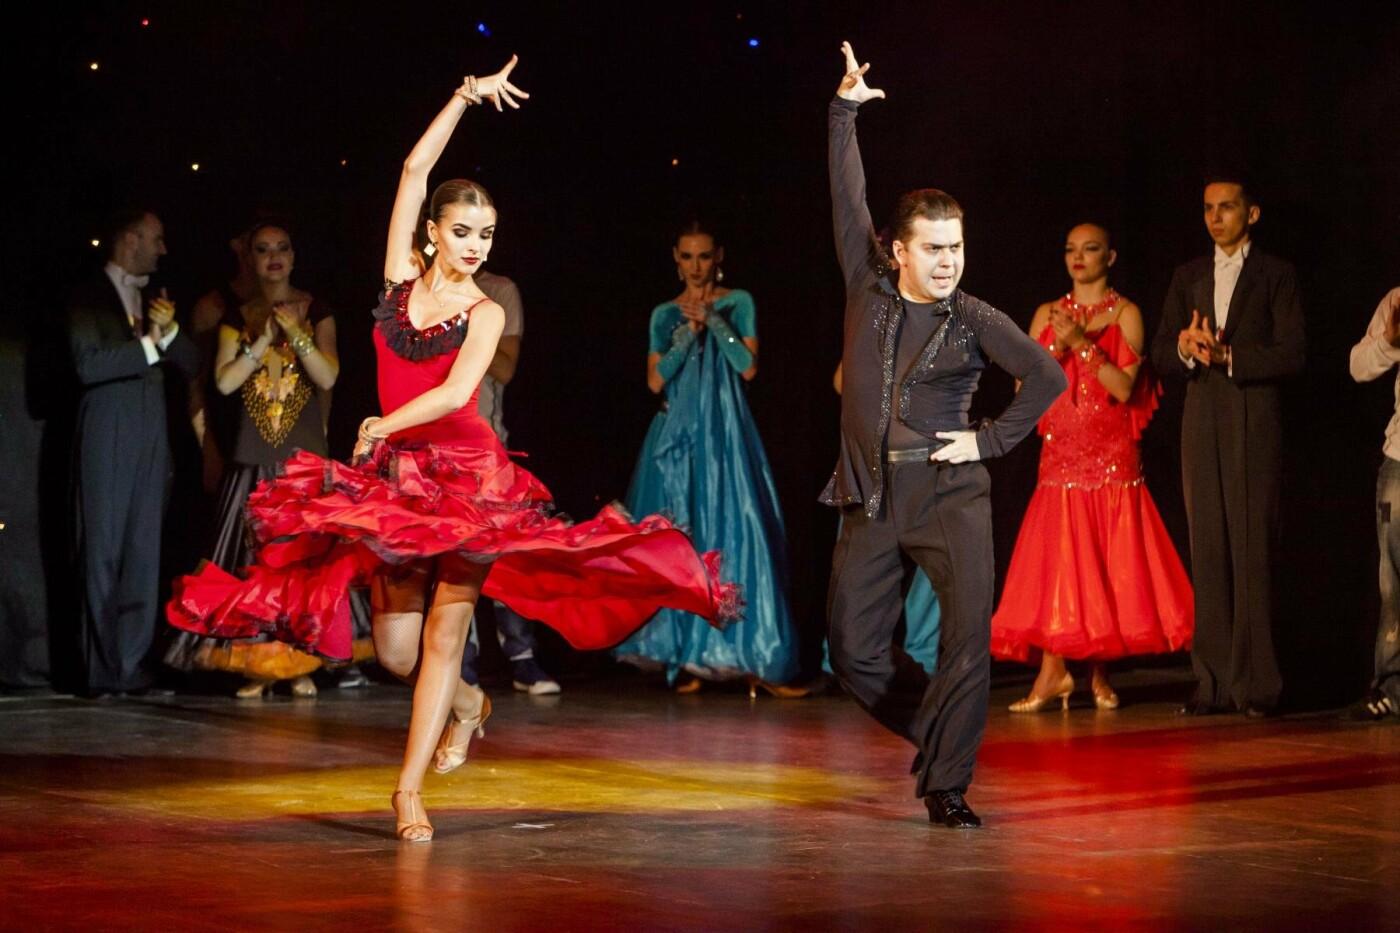 С программой «Избранное» в Ялте выступит Севастопольский Театр Танца имени Вадима Елизарова, фото-2